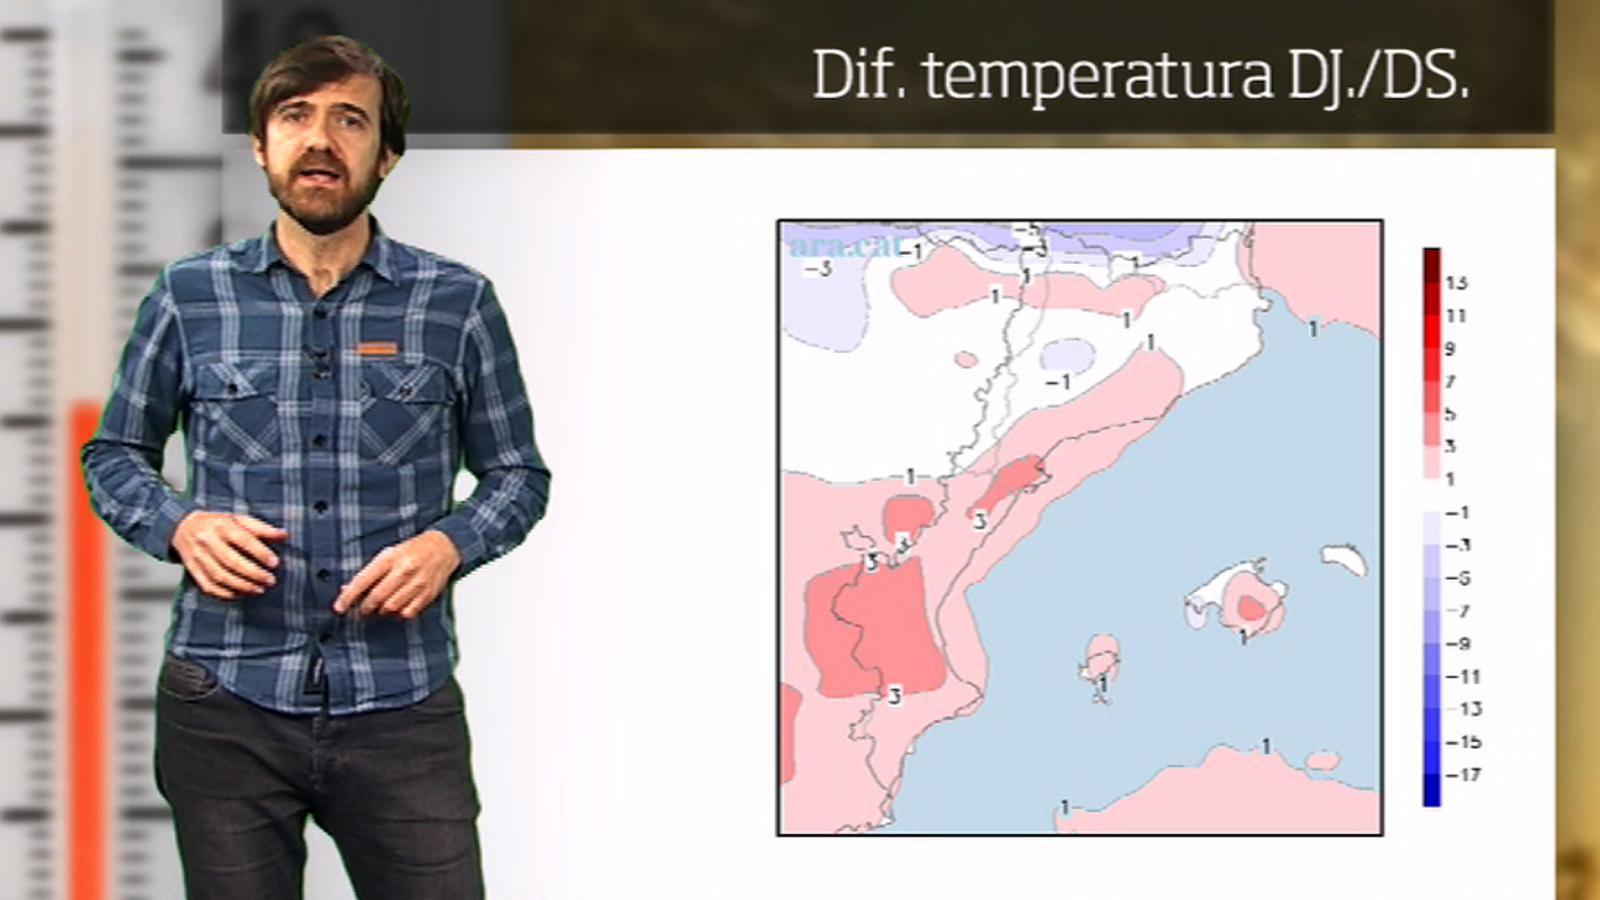 La méteo en 1 minut: cap de setmana primaveral a l'espera de canvis